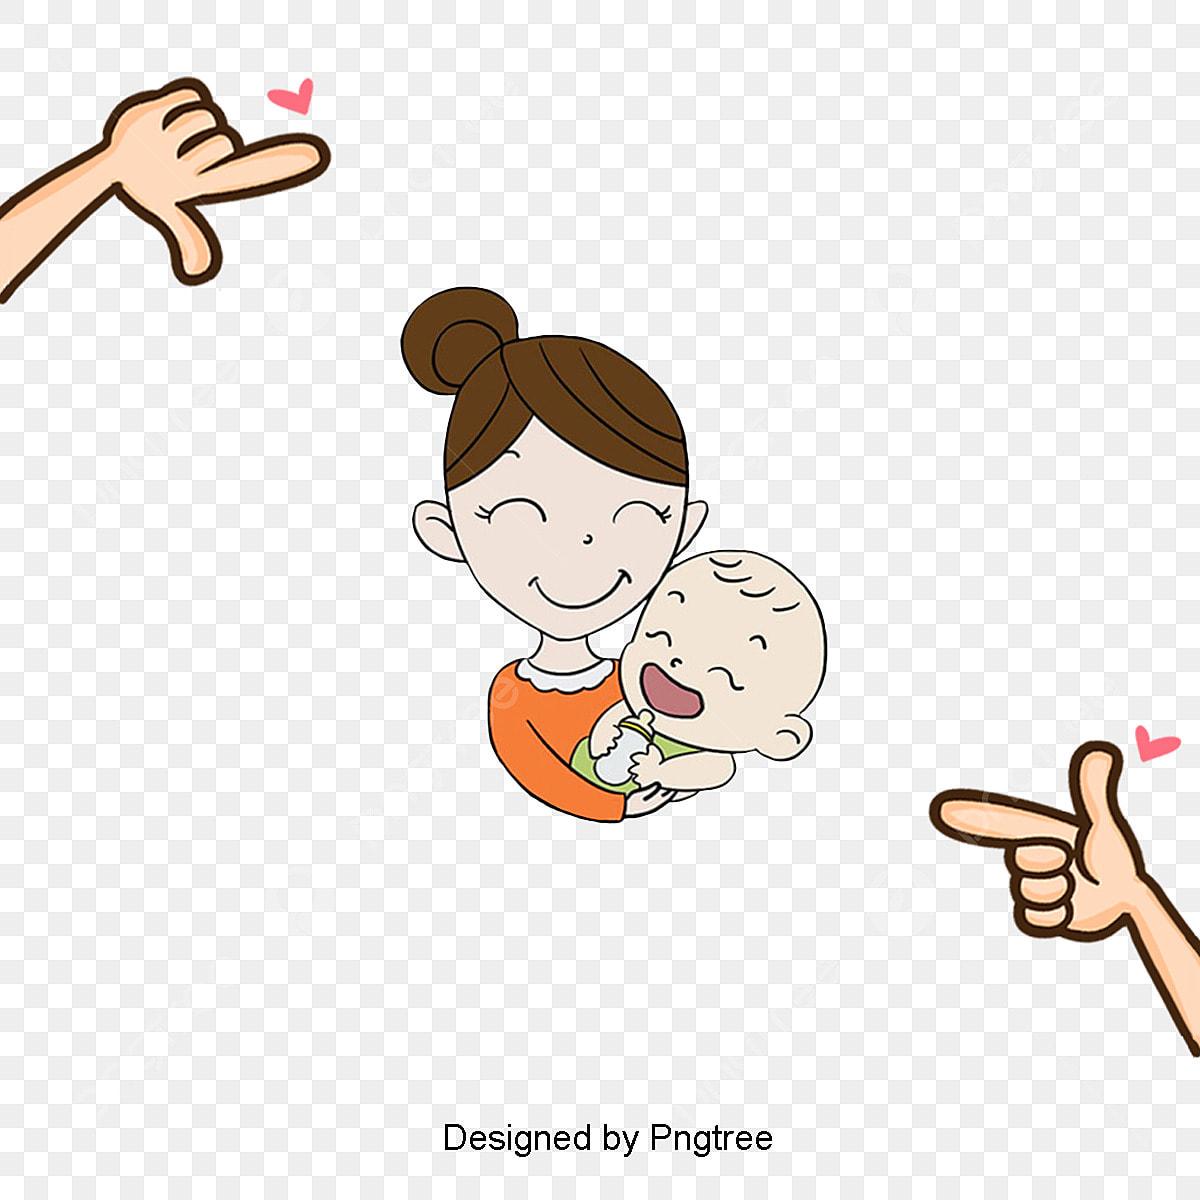 920 Koleksi Gambar Kartun Keluarga Gratis Terbaik Gambar